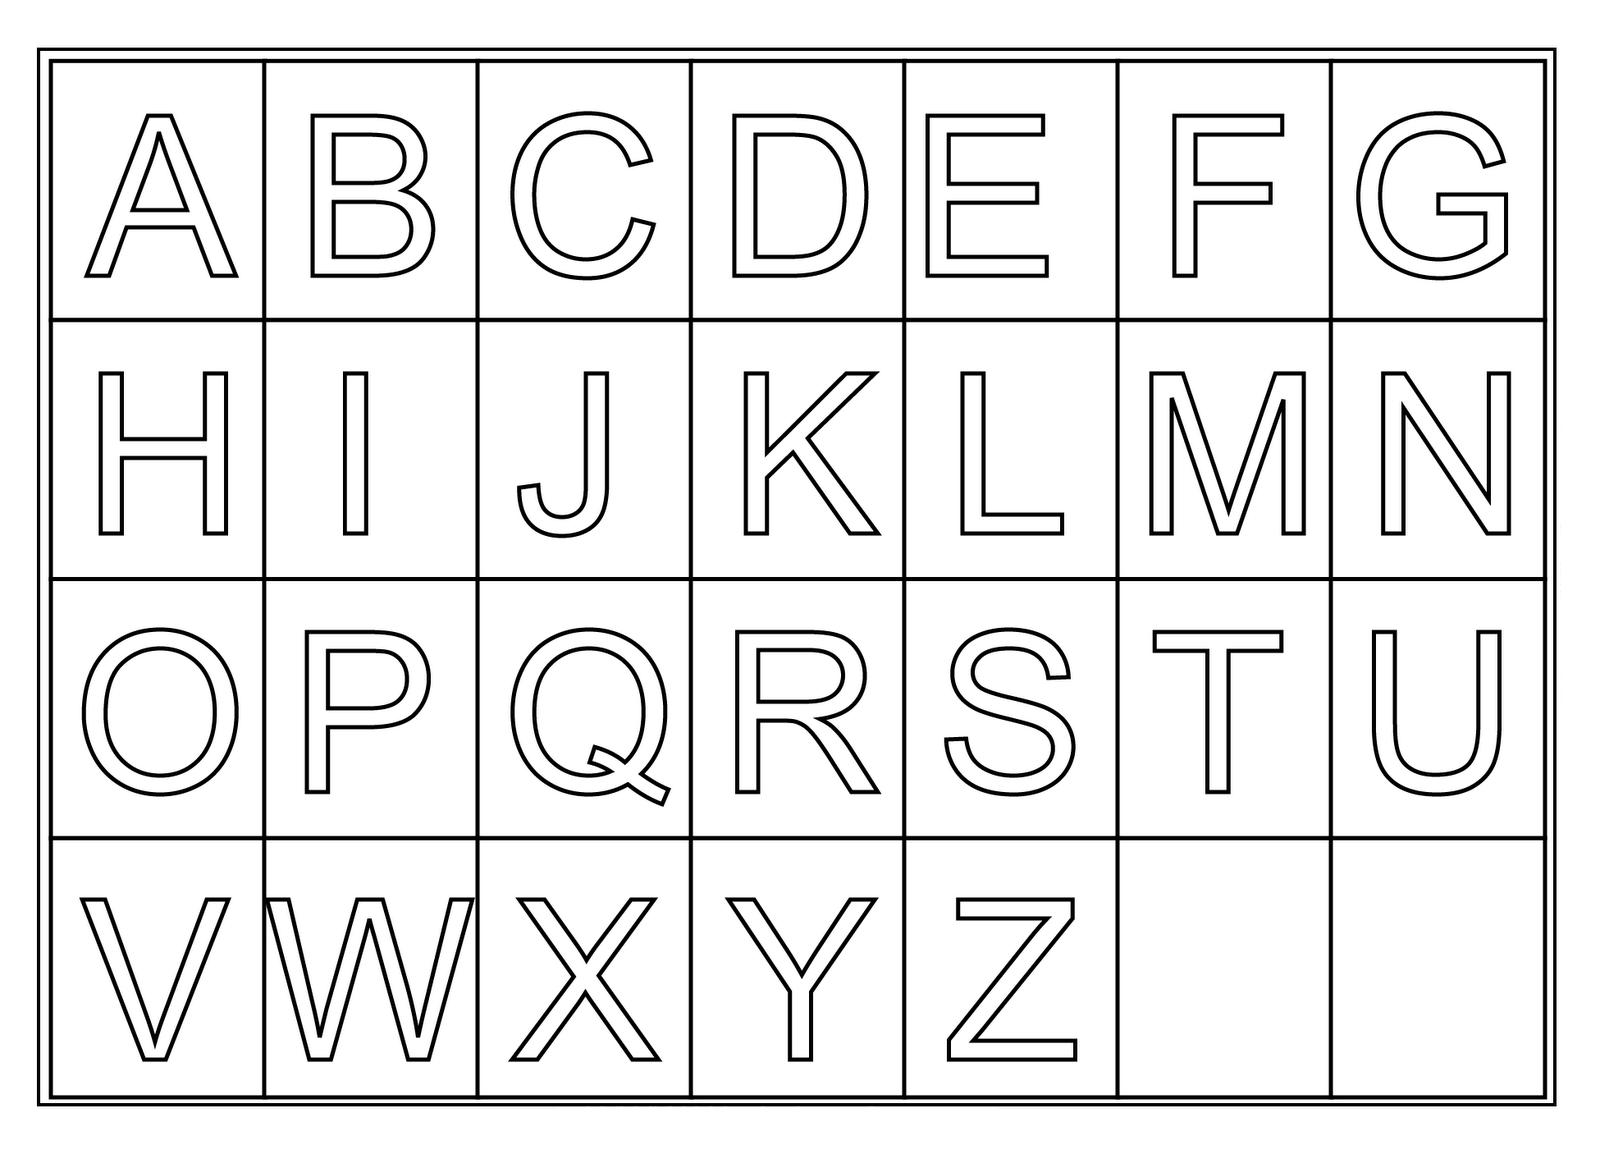 Alphabet Worksheets Printable Preschoolers Free 1111215